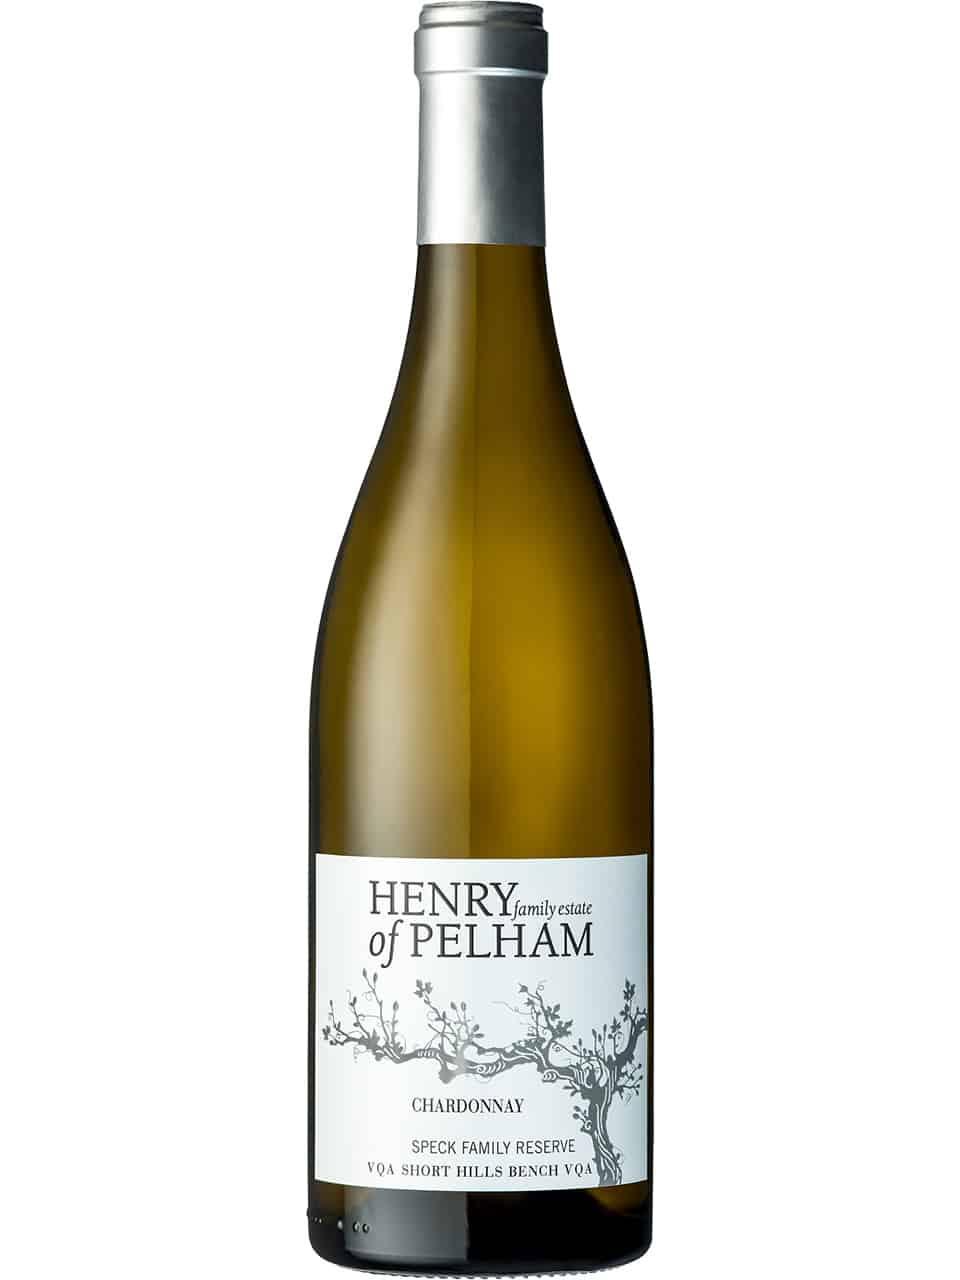 Henry of Pelham Speck Family Reserve ChardonnayVQA